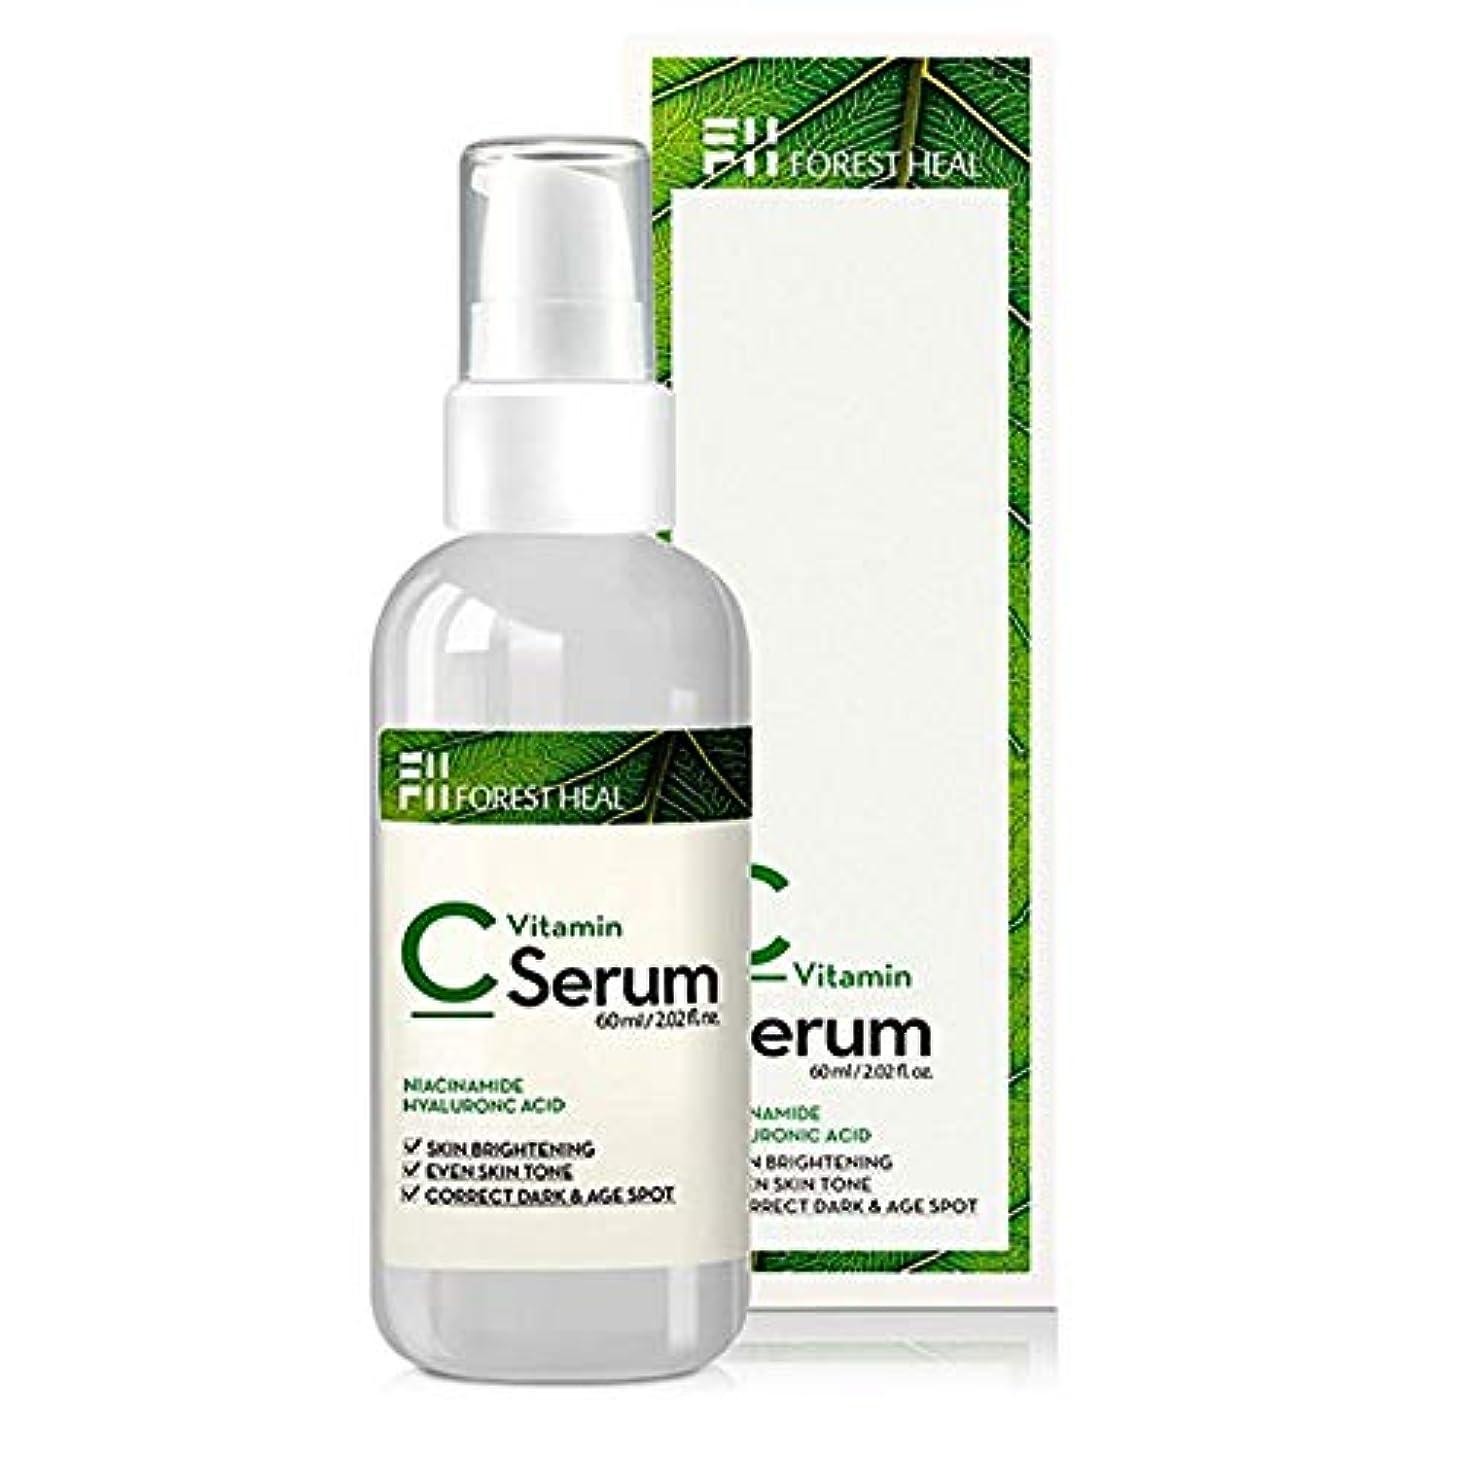 に向けて出発プロテスタントボウルフォレストヒール Cセラム FOREST HEAL VITAMIN C Serum オーガニック ビタミンセラム ビタミン美容液 肌トラブル改善 敏感肌 トラブル肌 ツヤ肌 すべすべ肌 透明感 美白 セラム 美容液